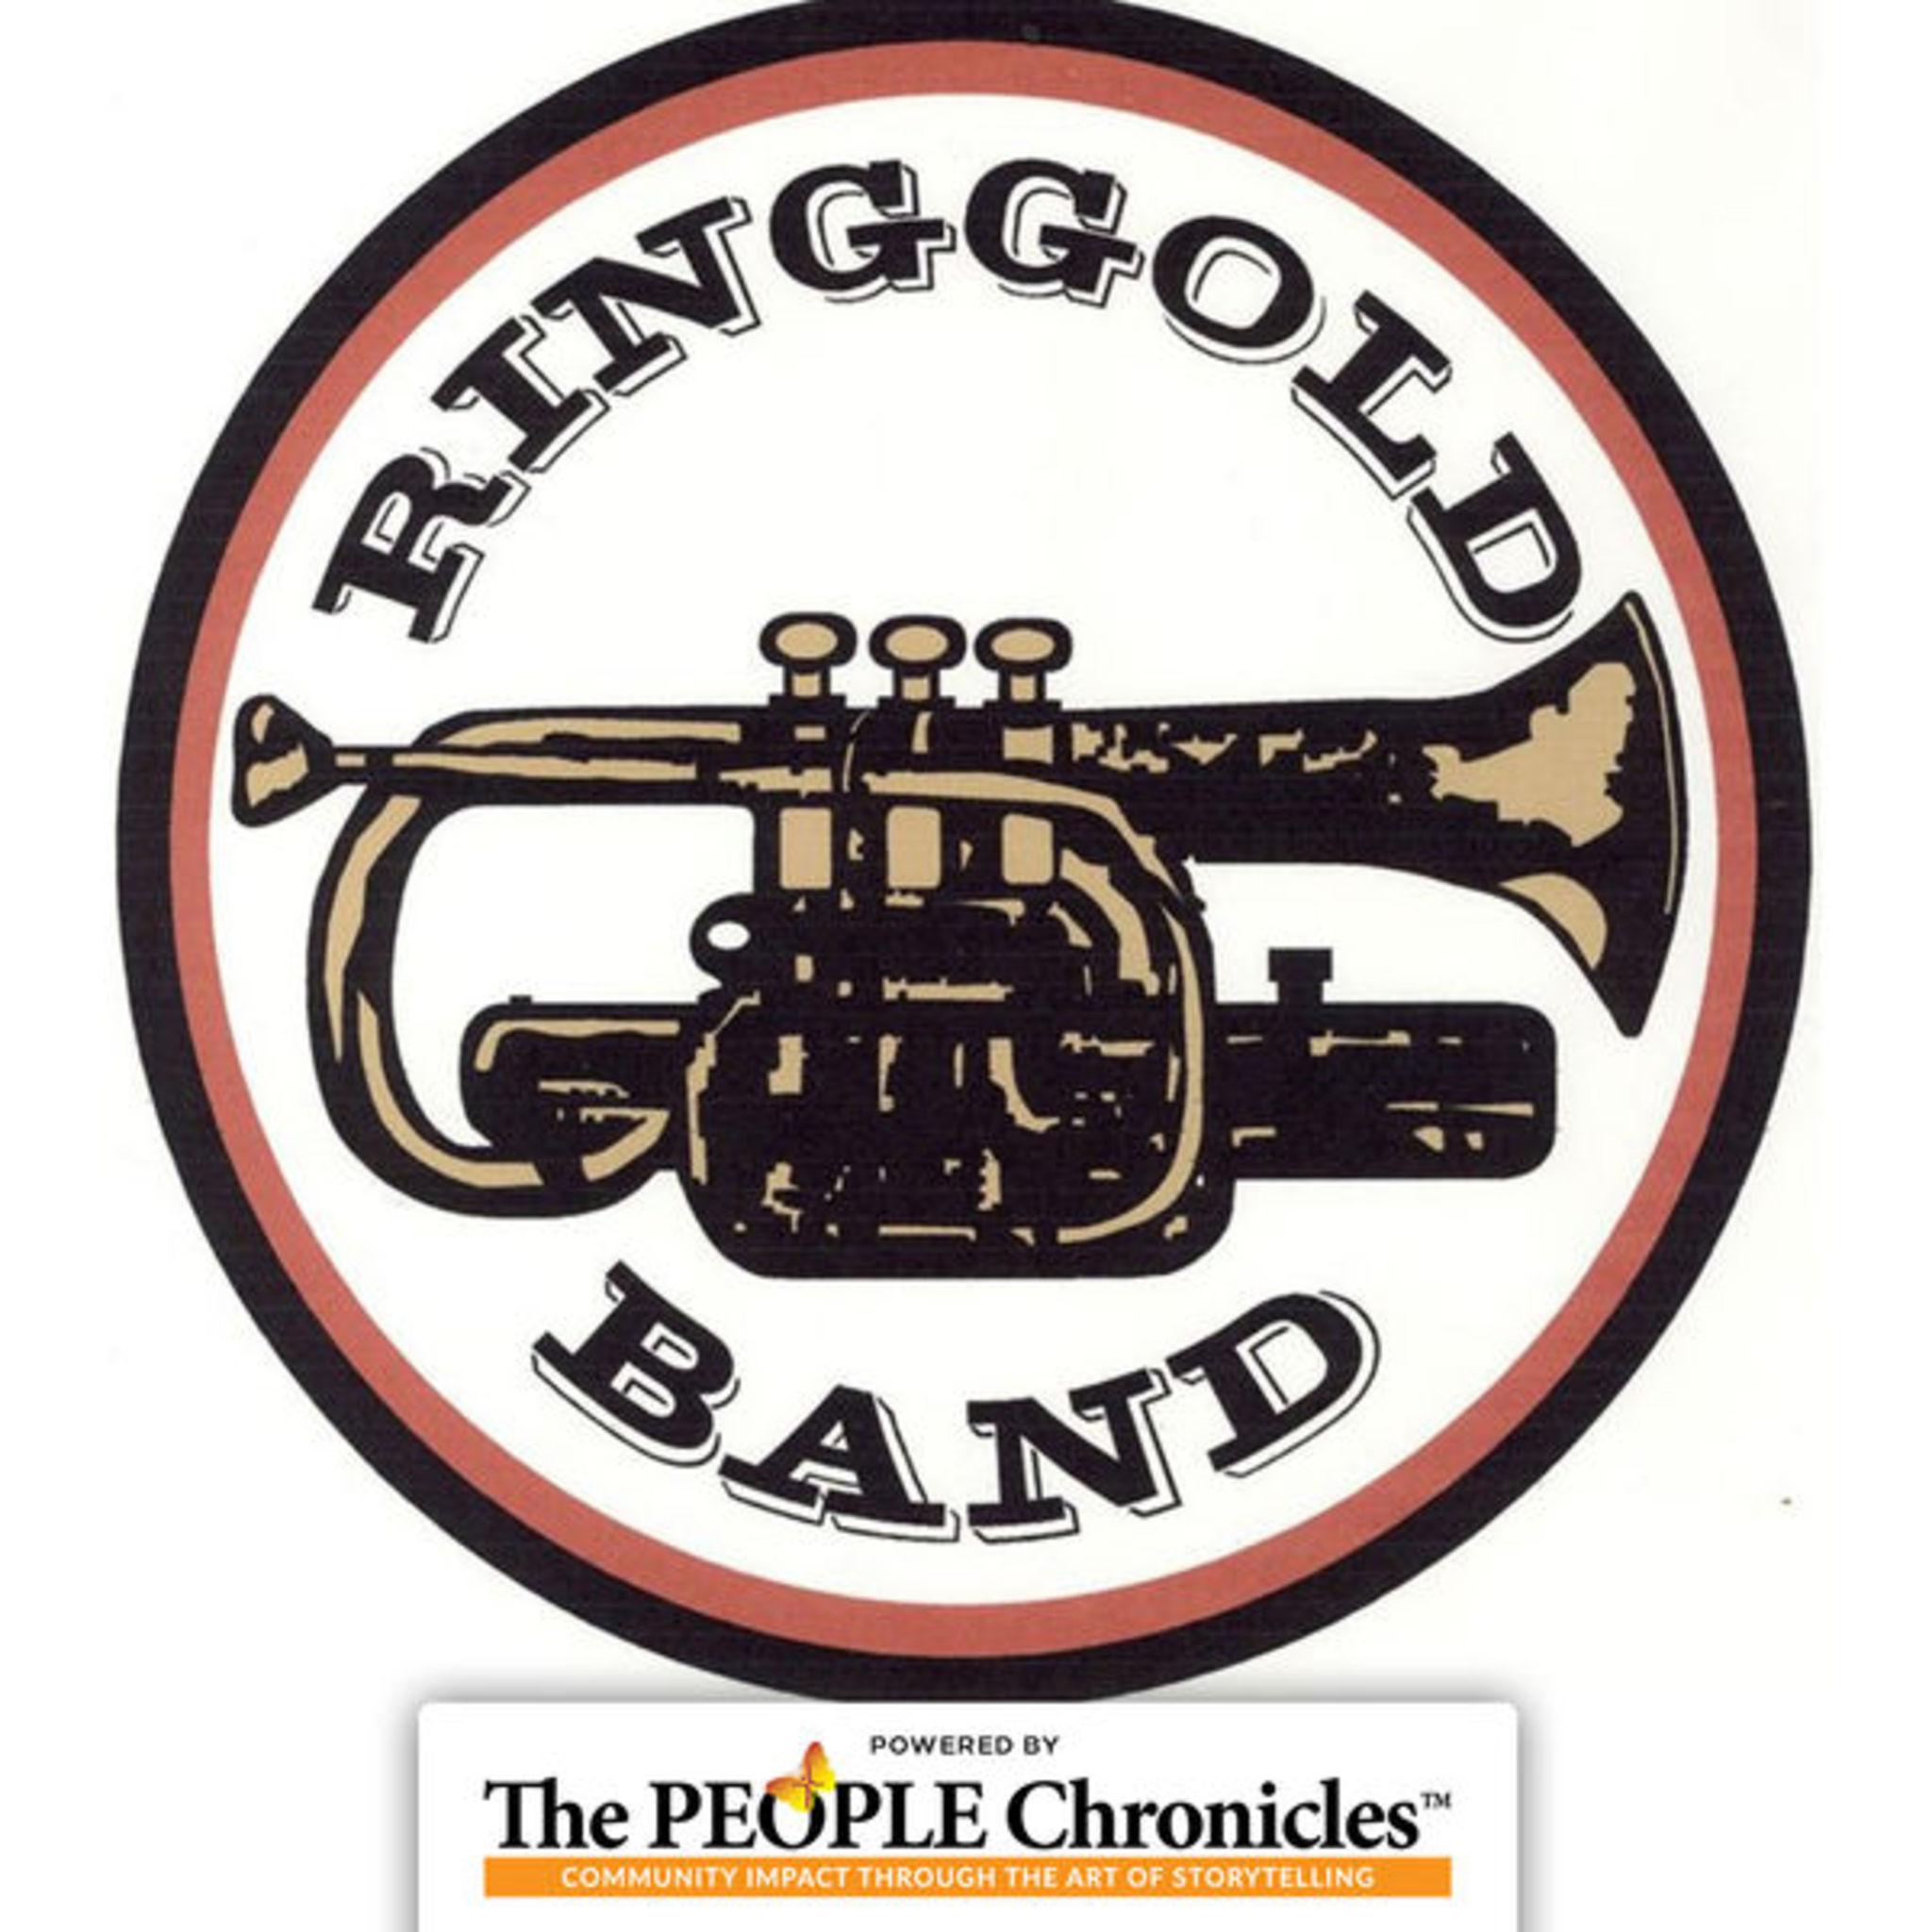 <![CDATA[Ringgold Band]]>